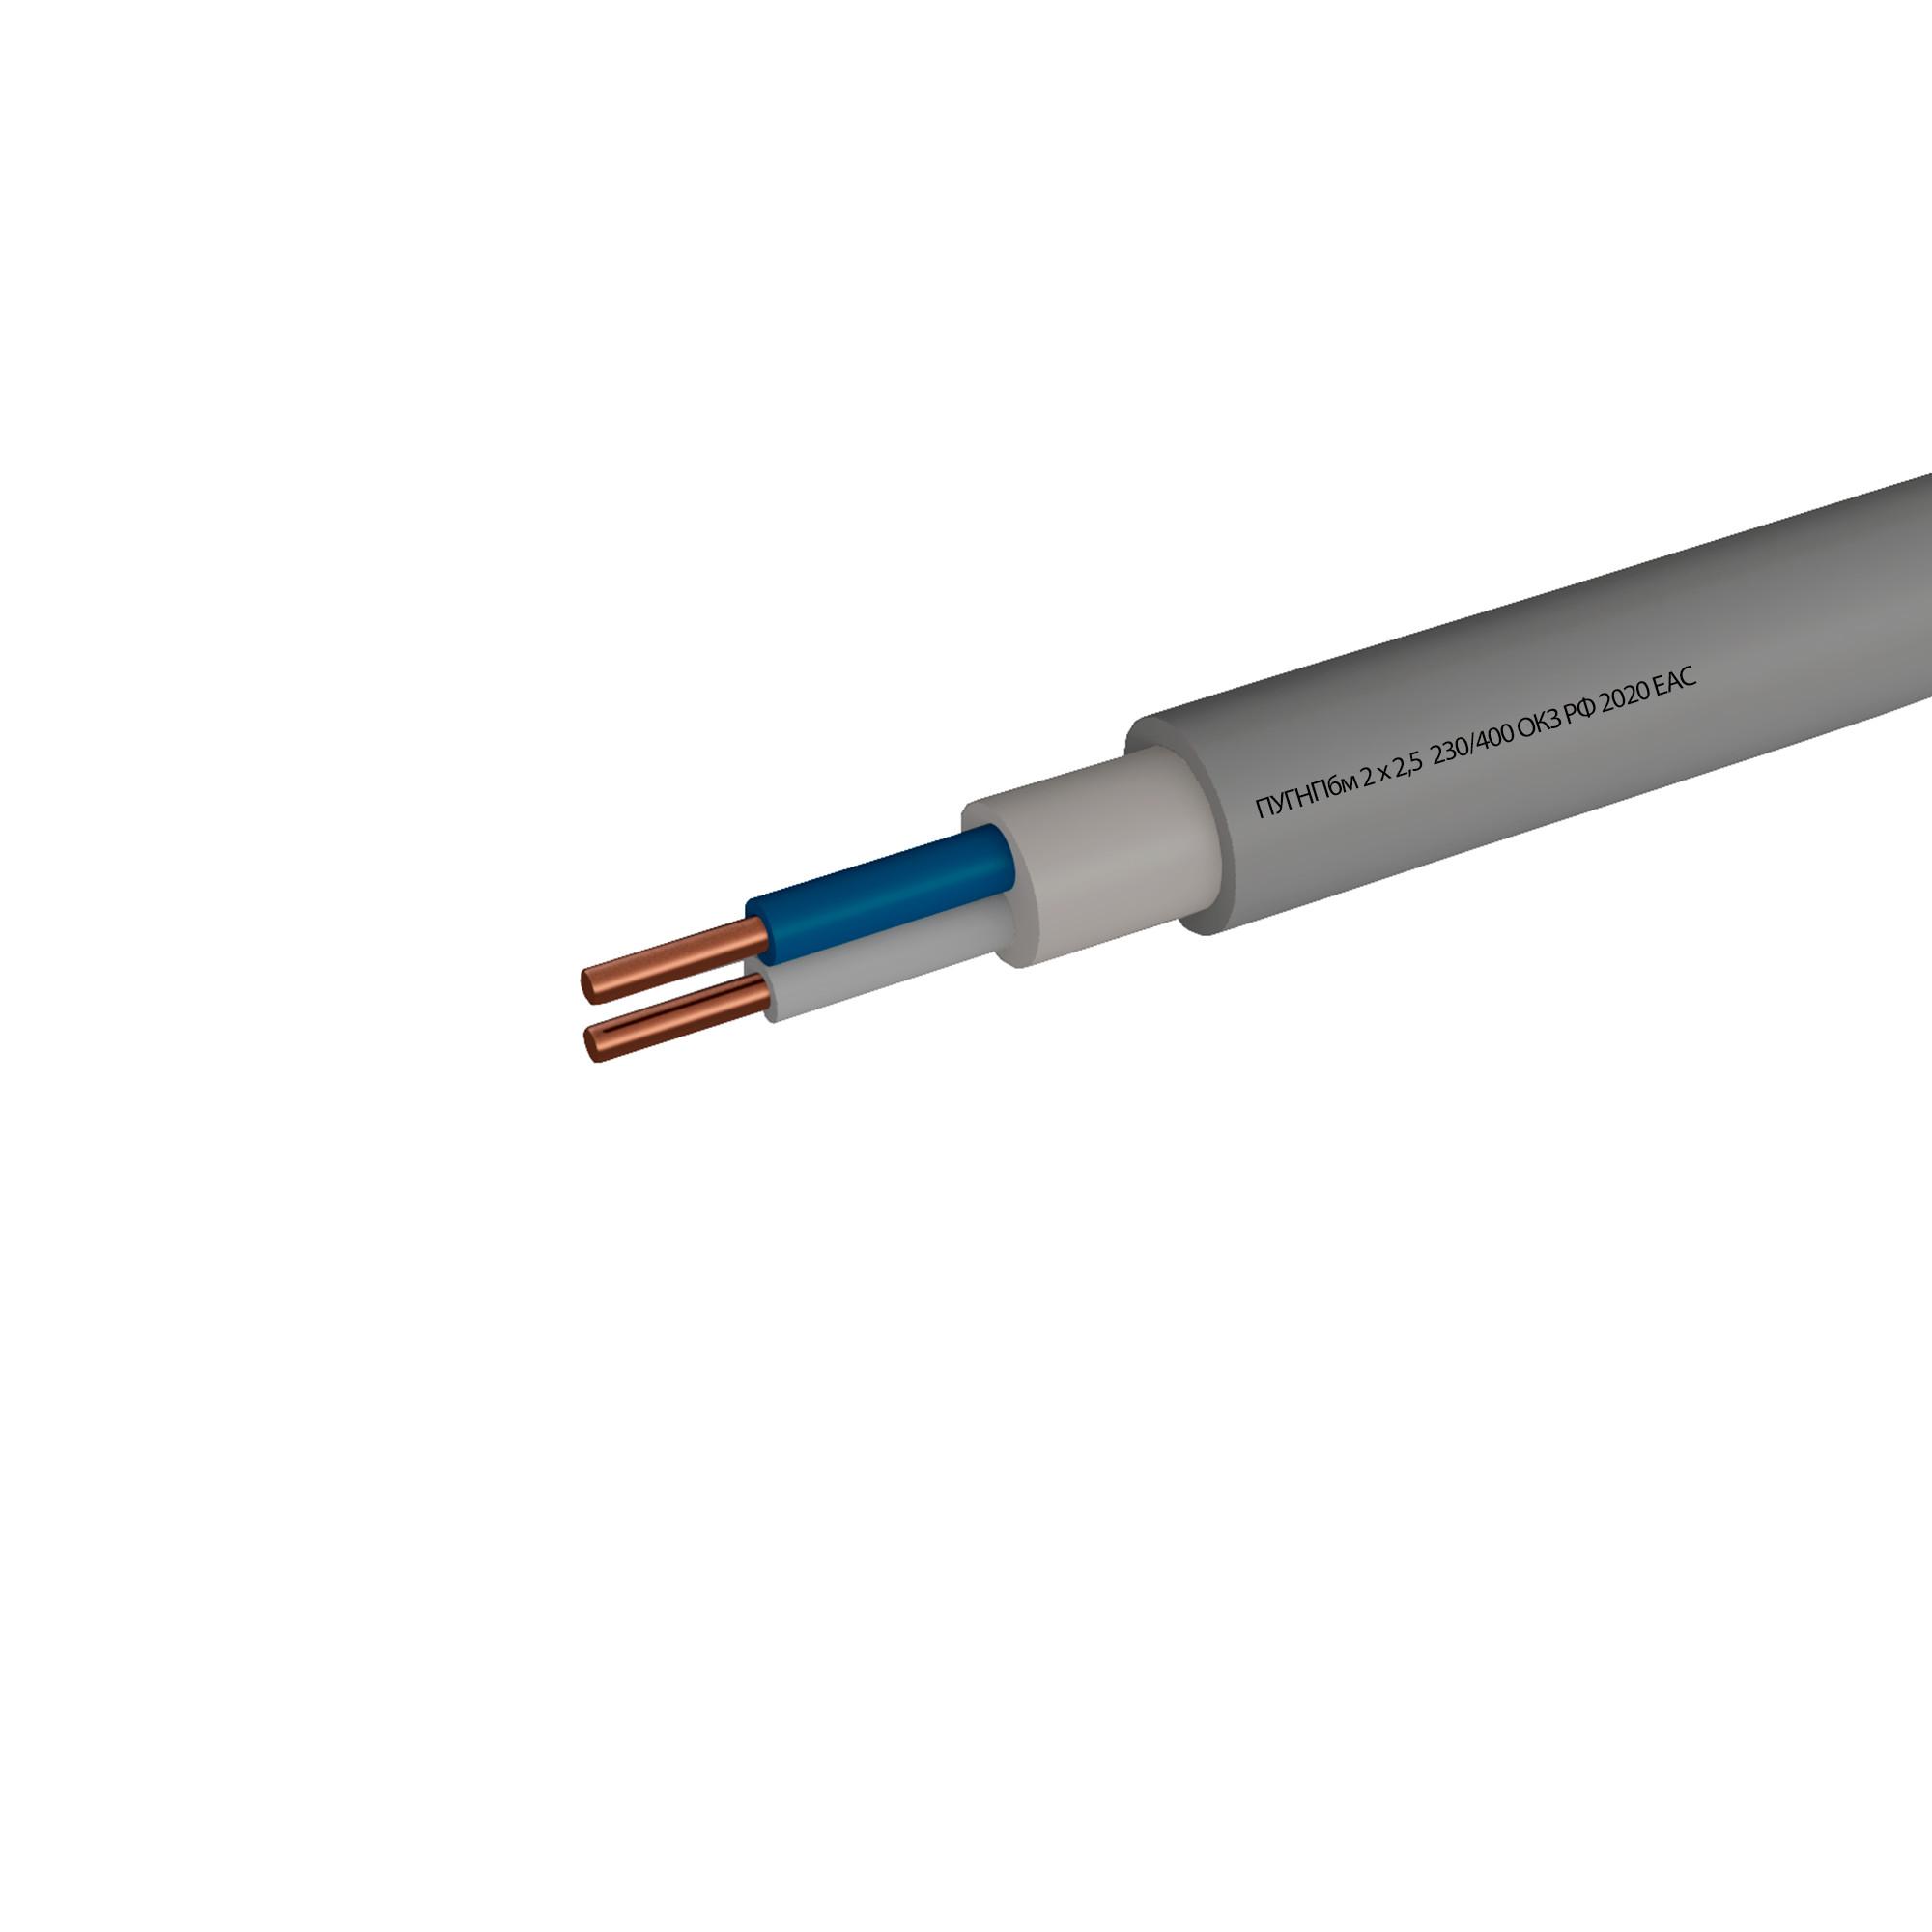 Провод гибкий ПУГНПбм 2х2.5 мм 100 м